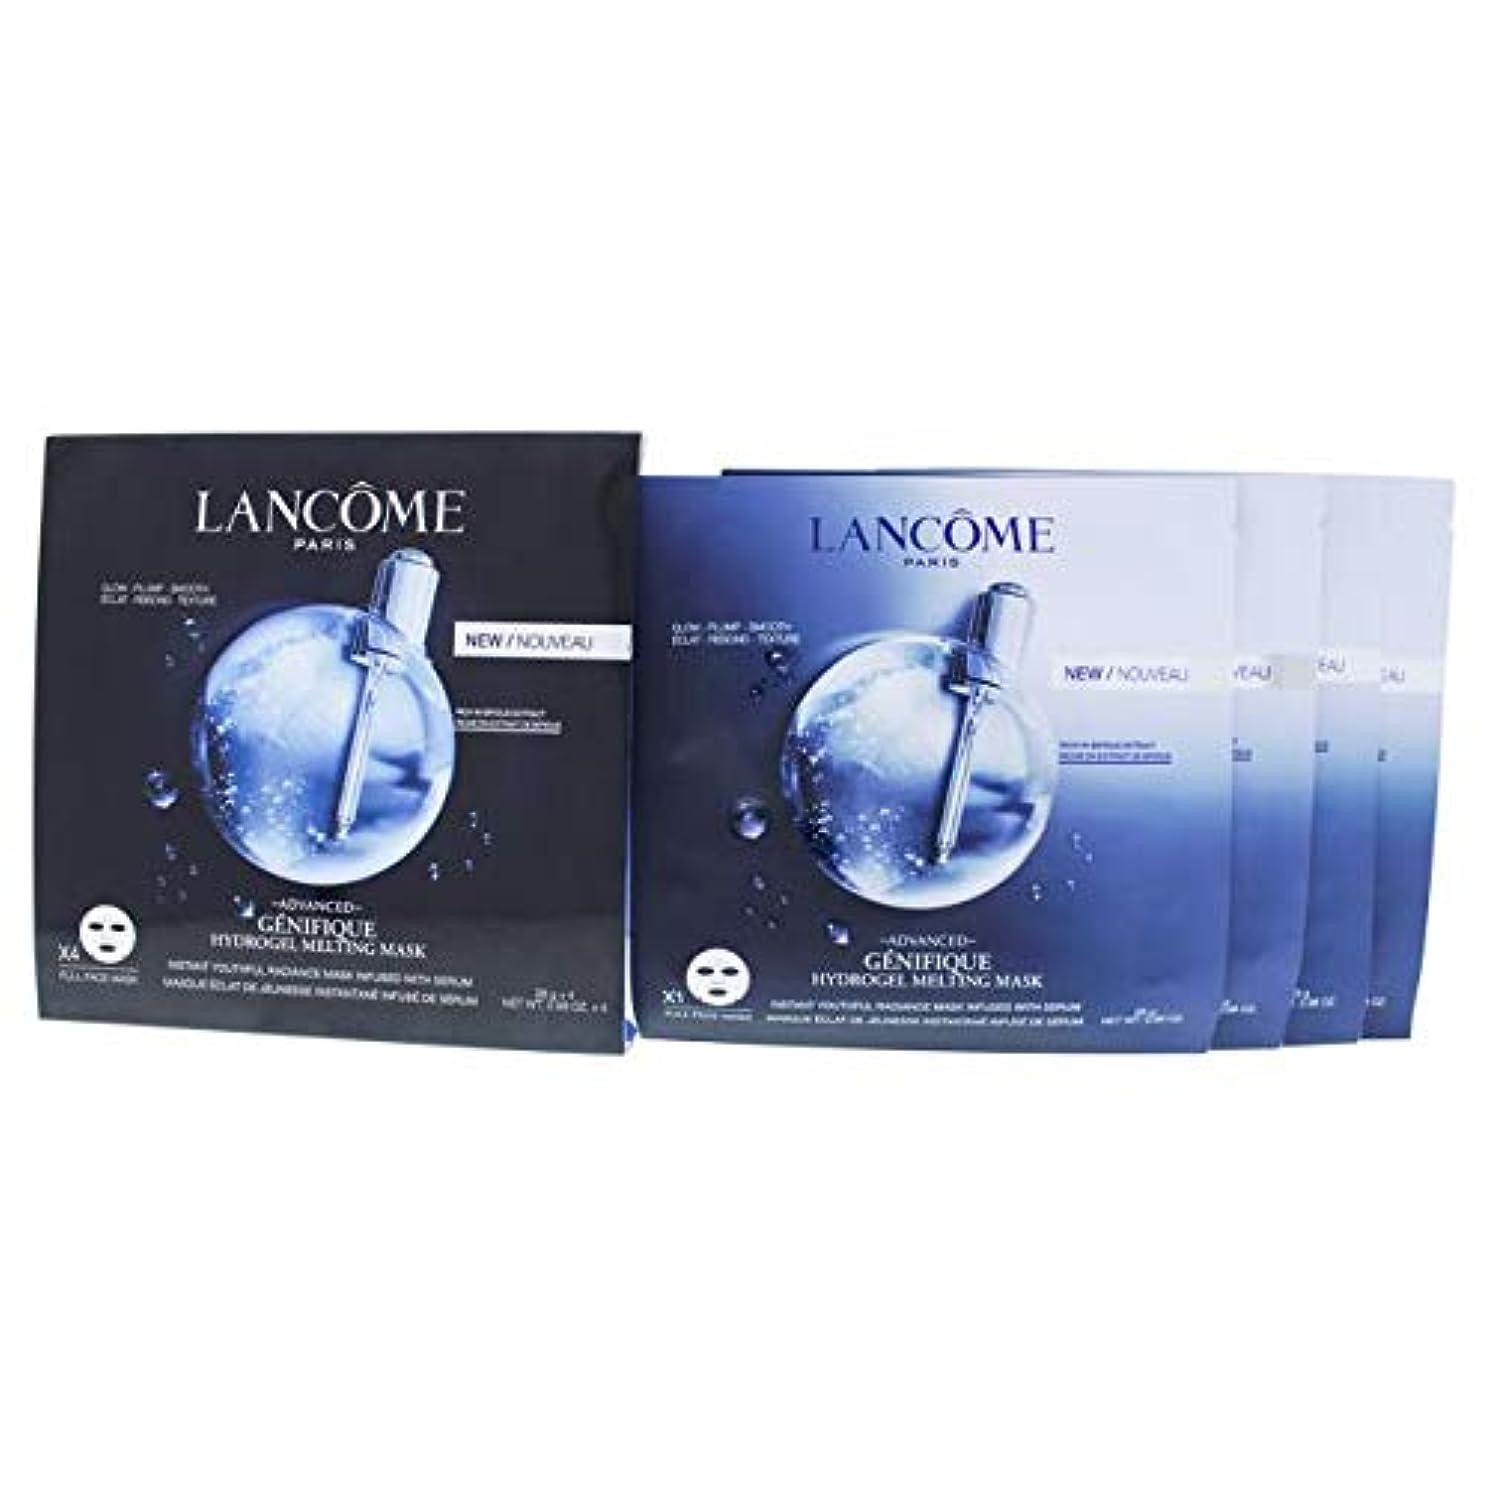 最後の社会科富豪ランコム Genifique Advanced Hydrogel Melting Mask 4sheets並行輸入品